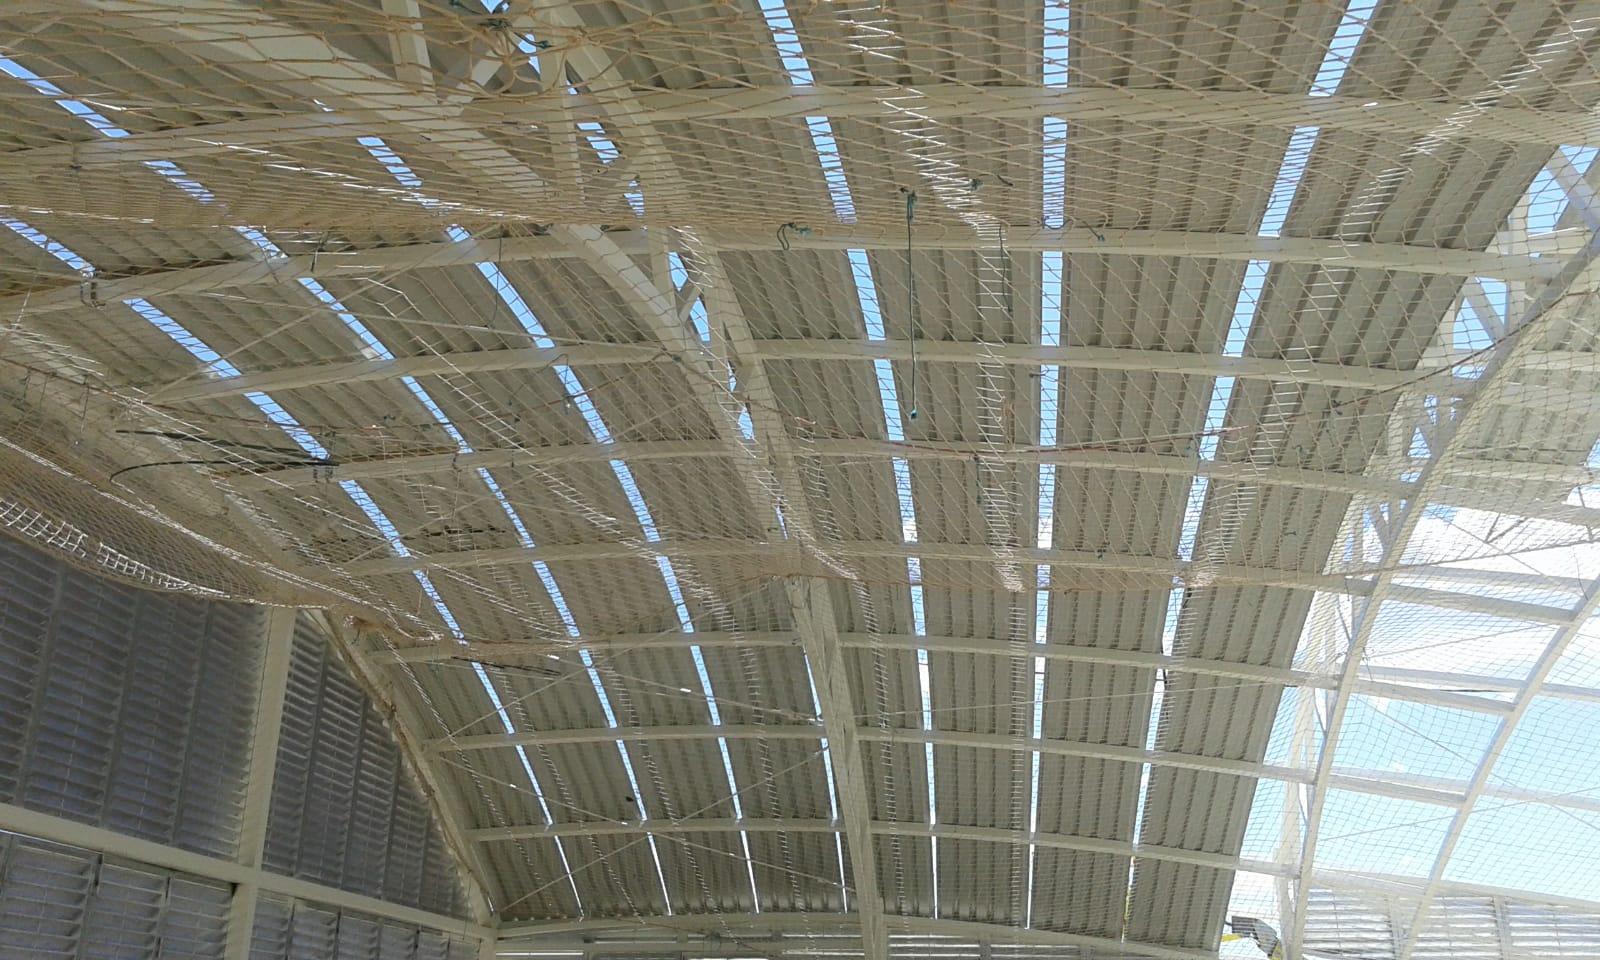 Vista interior de estructura de cúpula de nave en Orce